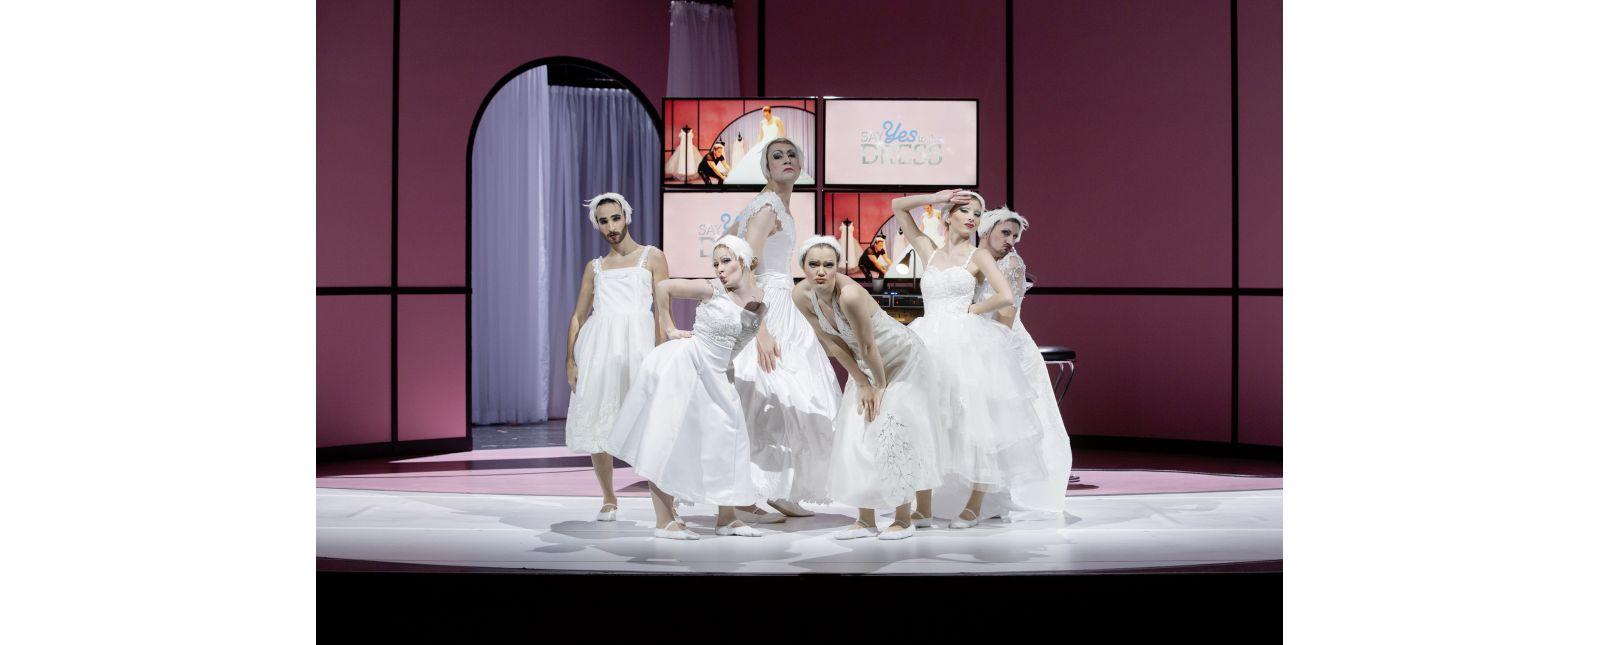 Die Hochzeit des Figaro // Statisterie // 2020 // Rainer Muranyi